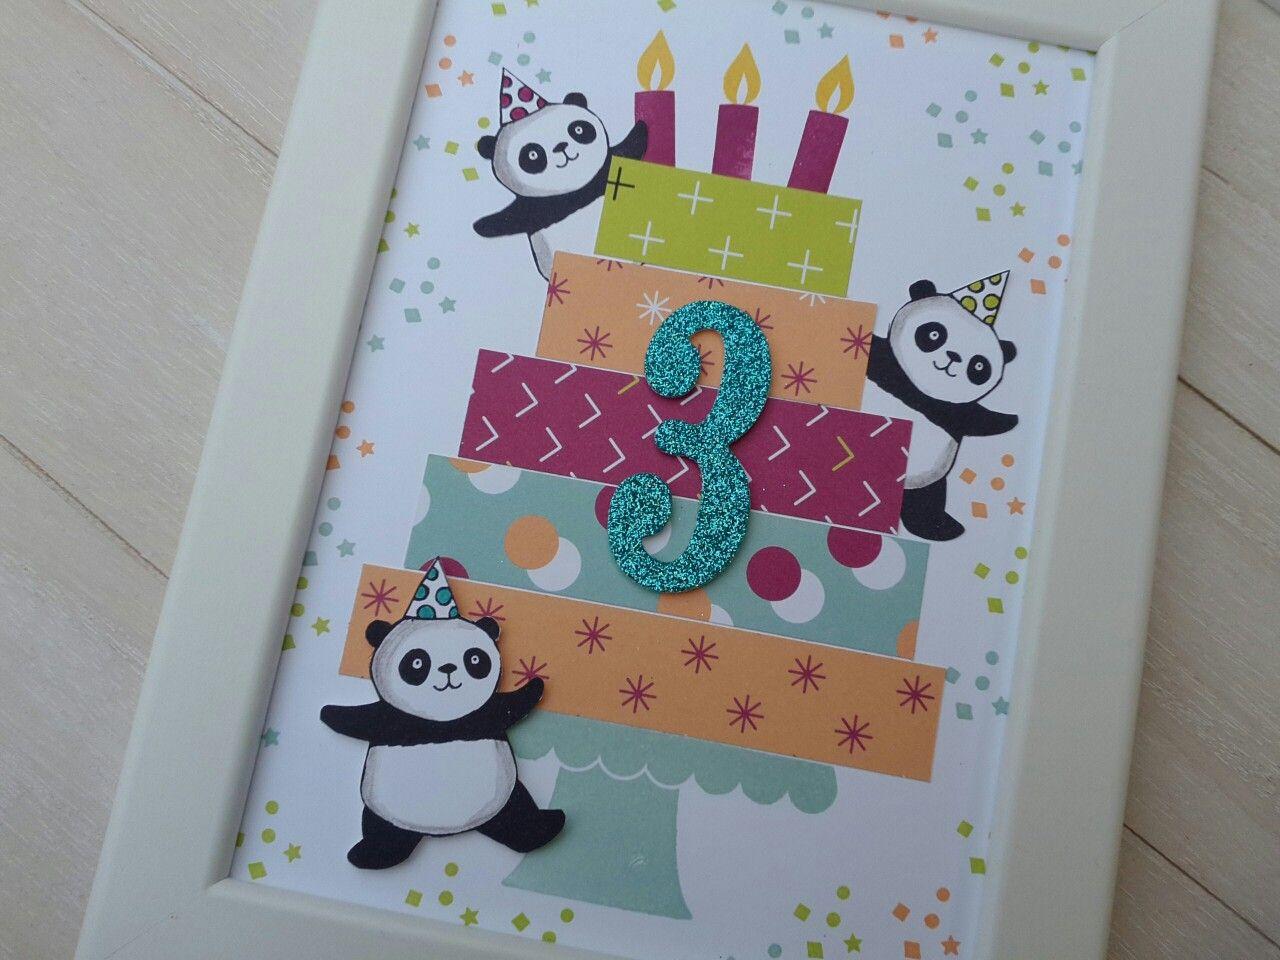 Perfekte Party, Party Pandas, SAB 2018, Karte zum Geburtstag, Basteln für Kinder, SU 2018 #babypandas